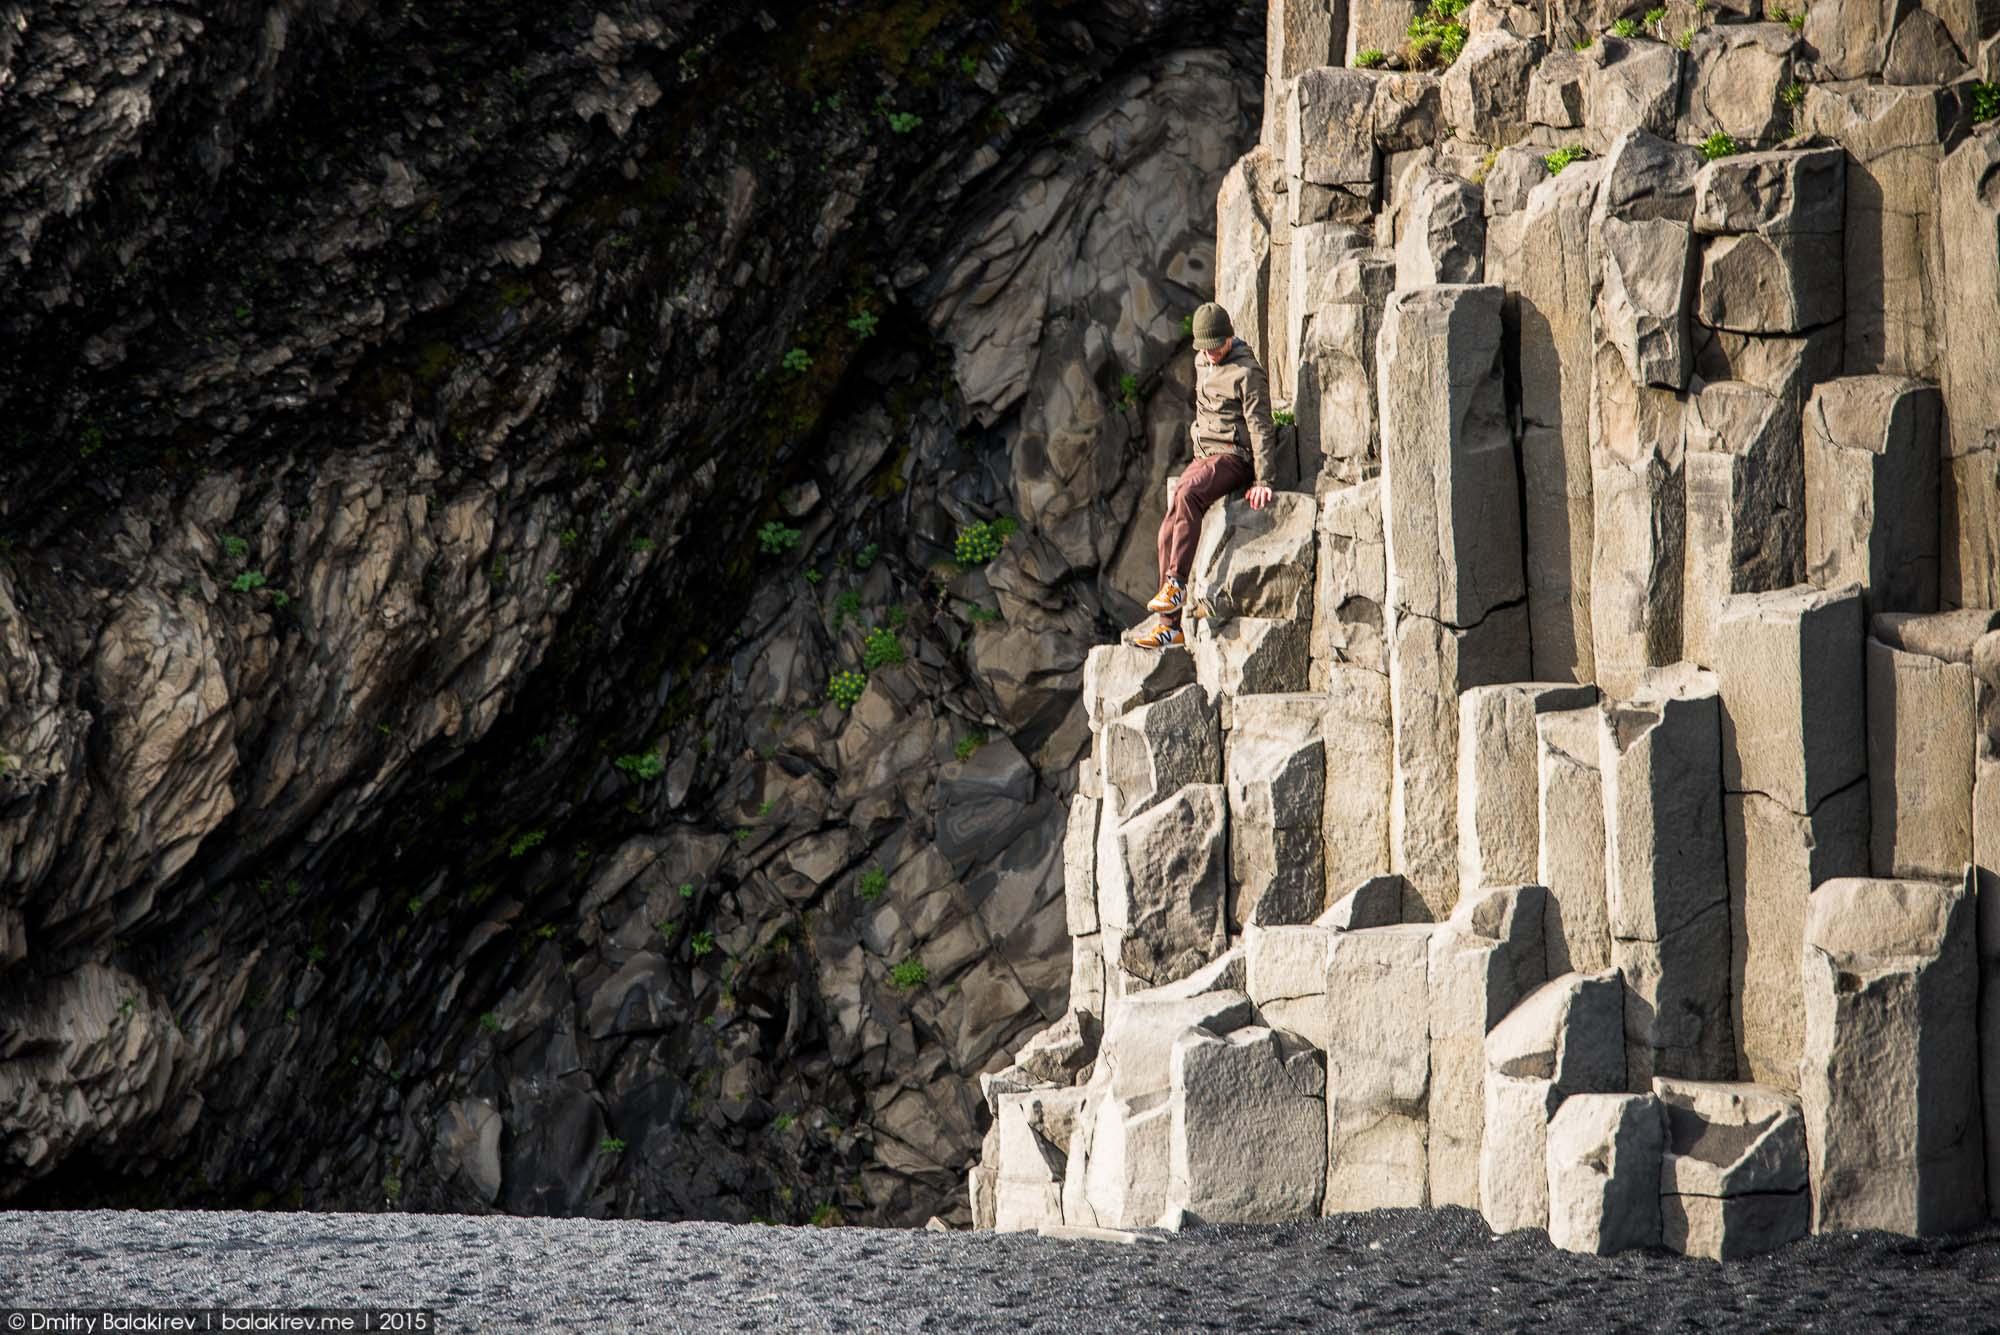 Красивые места и девушки на пляже фото зрелой огромные